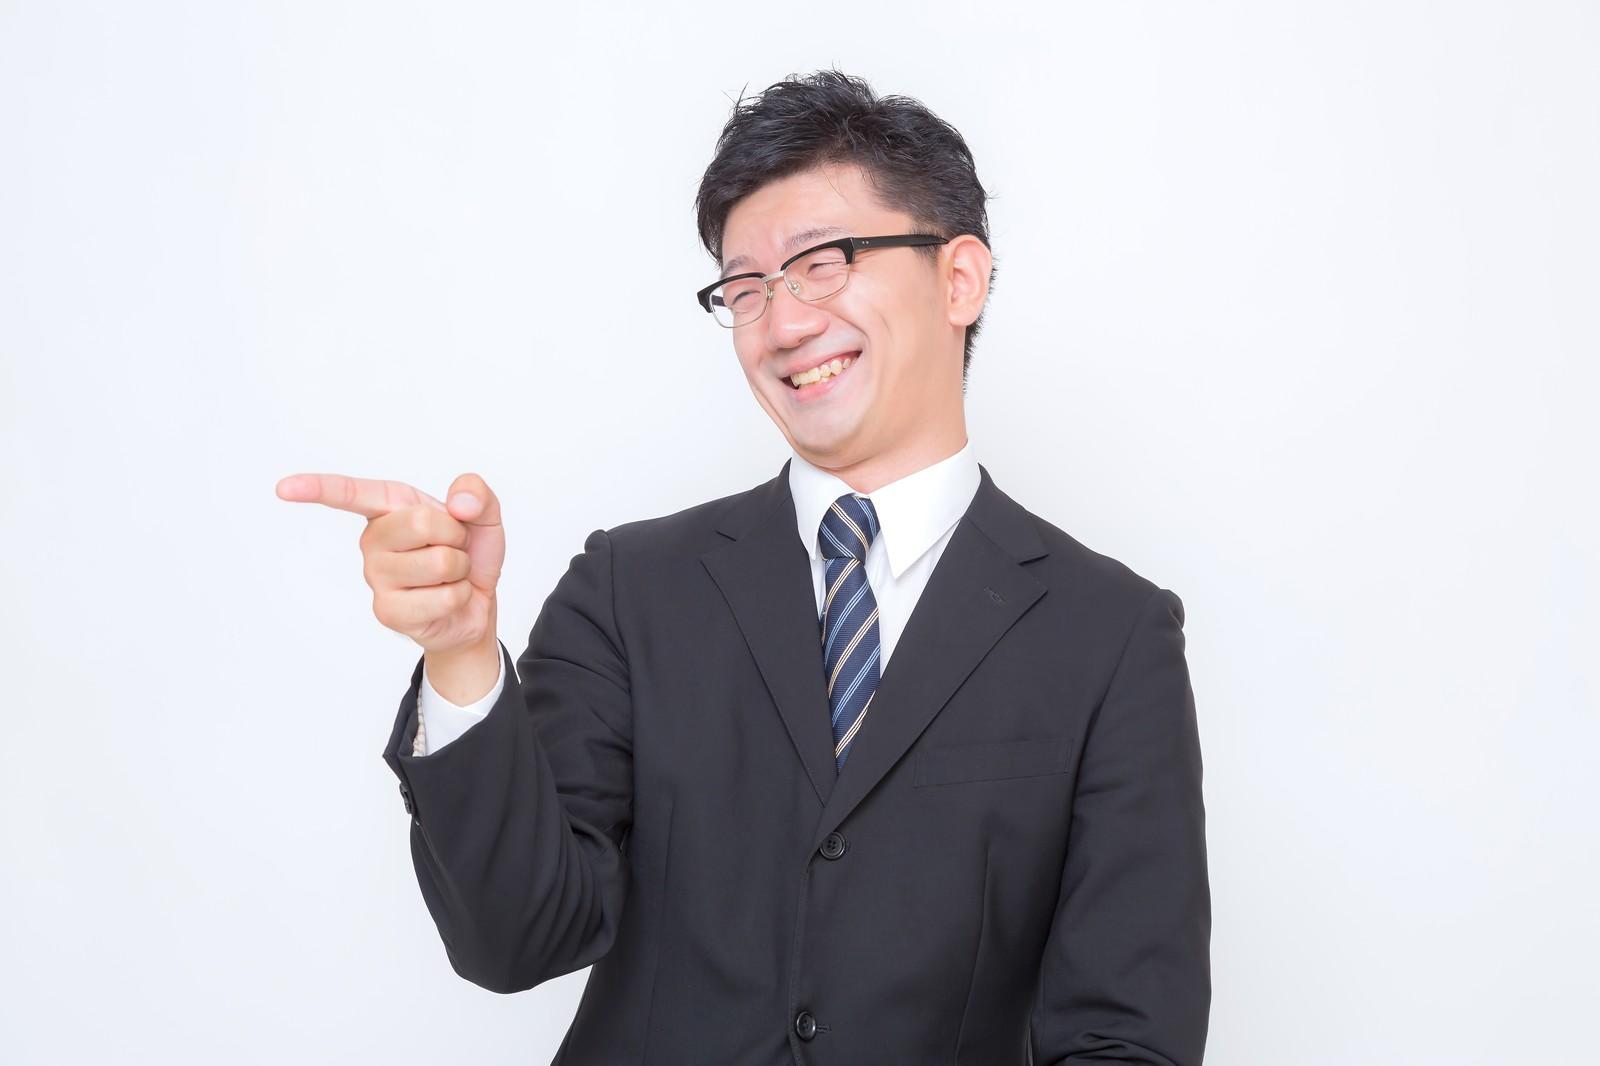 【社労士試験】もうすぐ1月が終わります!勉強始めるなら今しかない